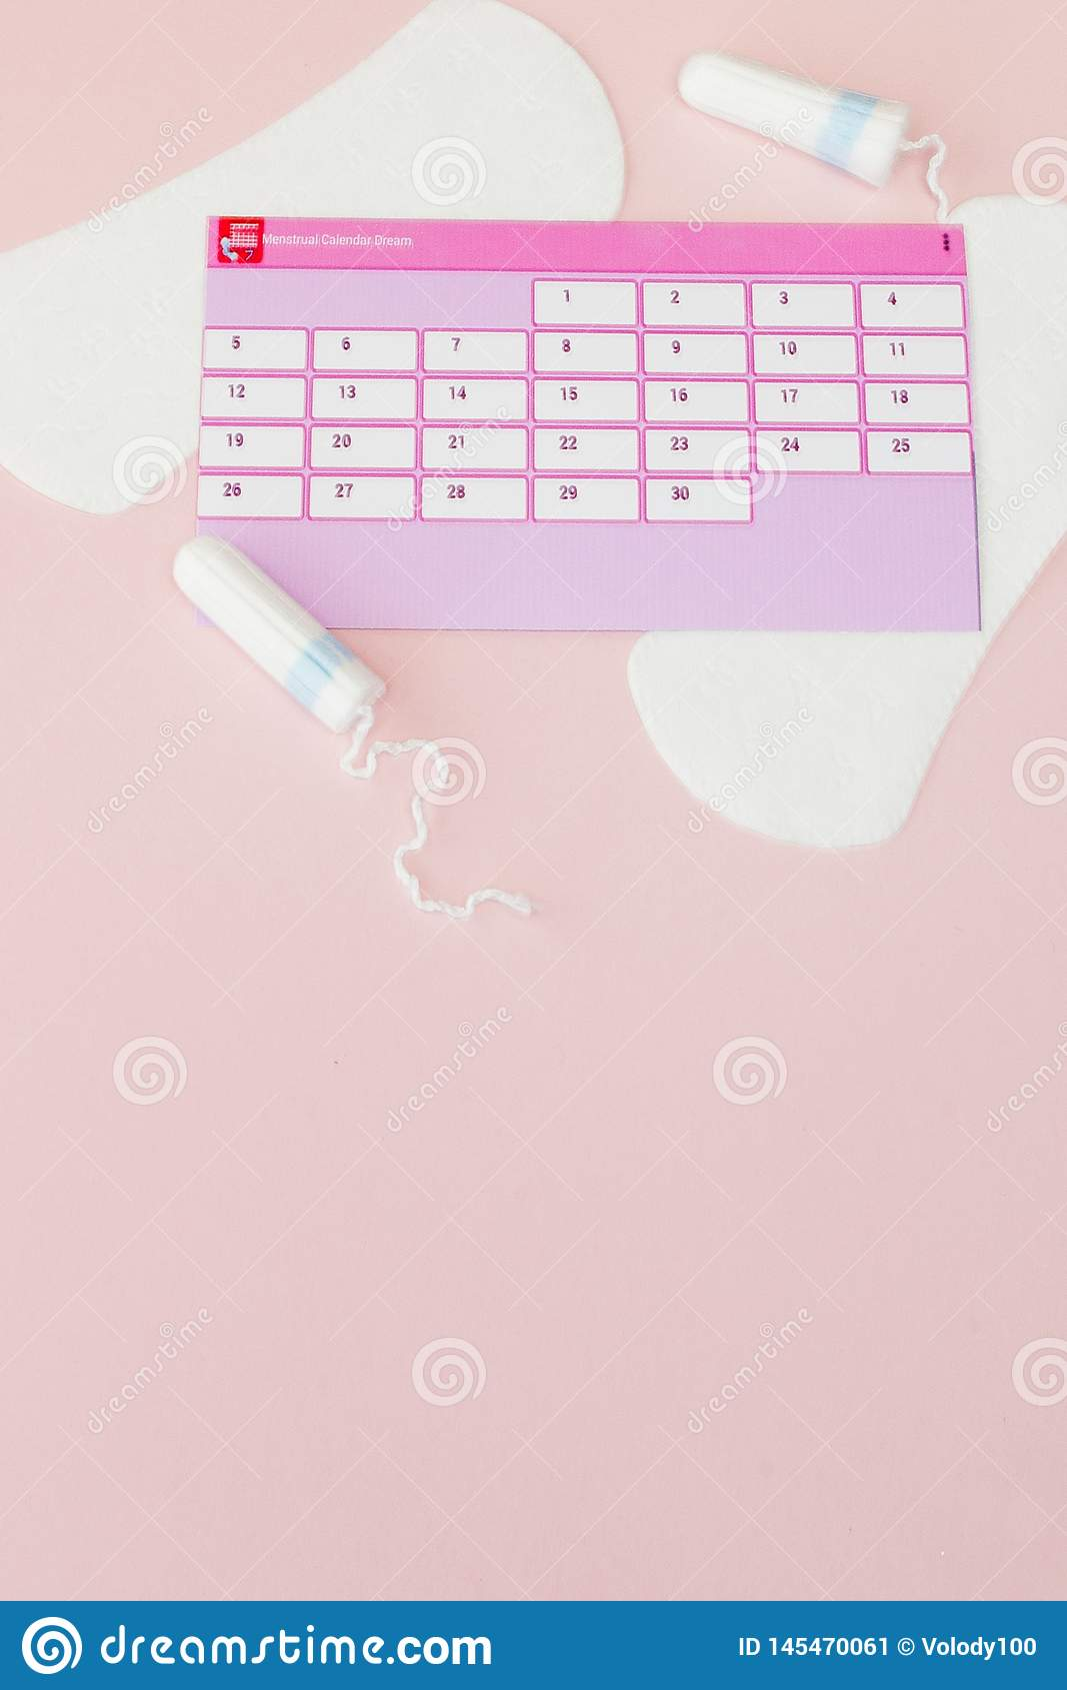 Tampon, vrouwelijke, sanitaire stootkussens voor kritieke dagen, vrouwelijke kalender, pijnpillen tijdens menstruatie op een roze